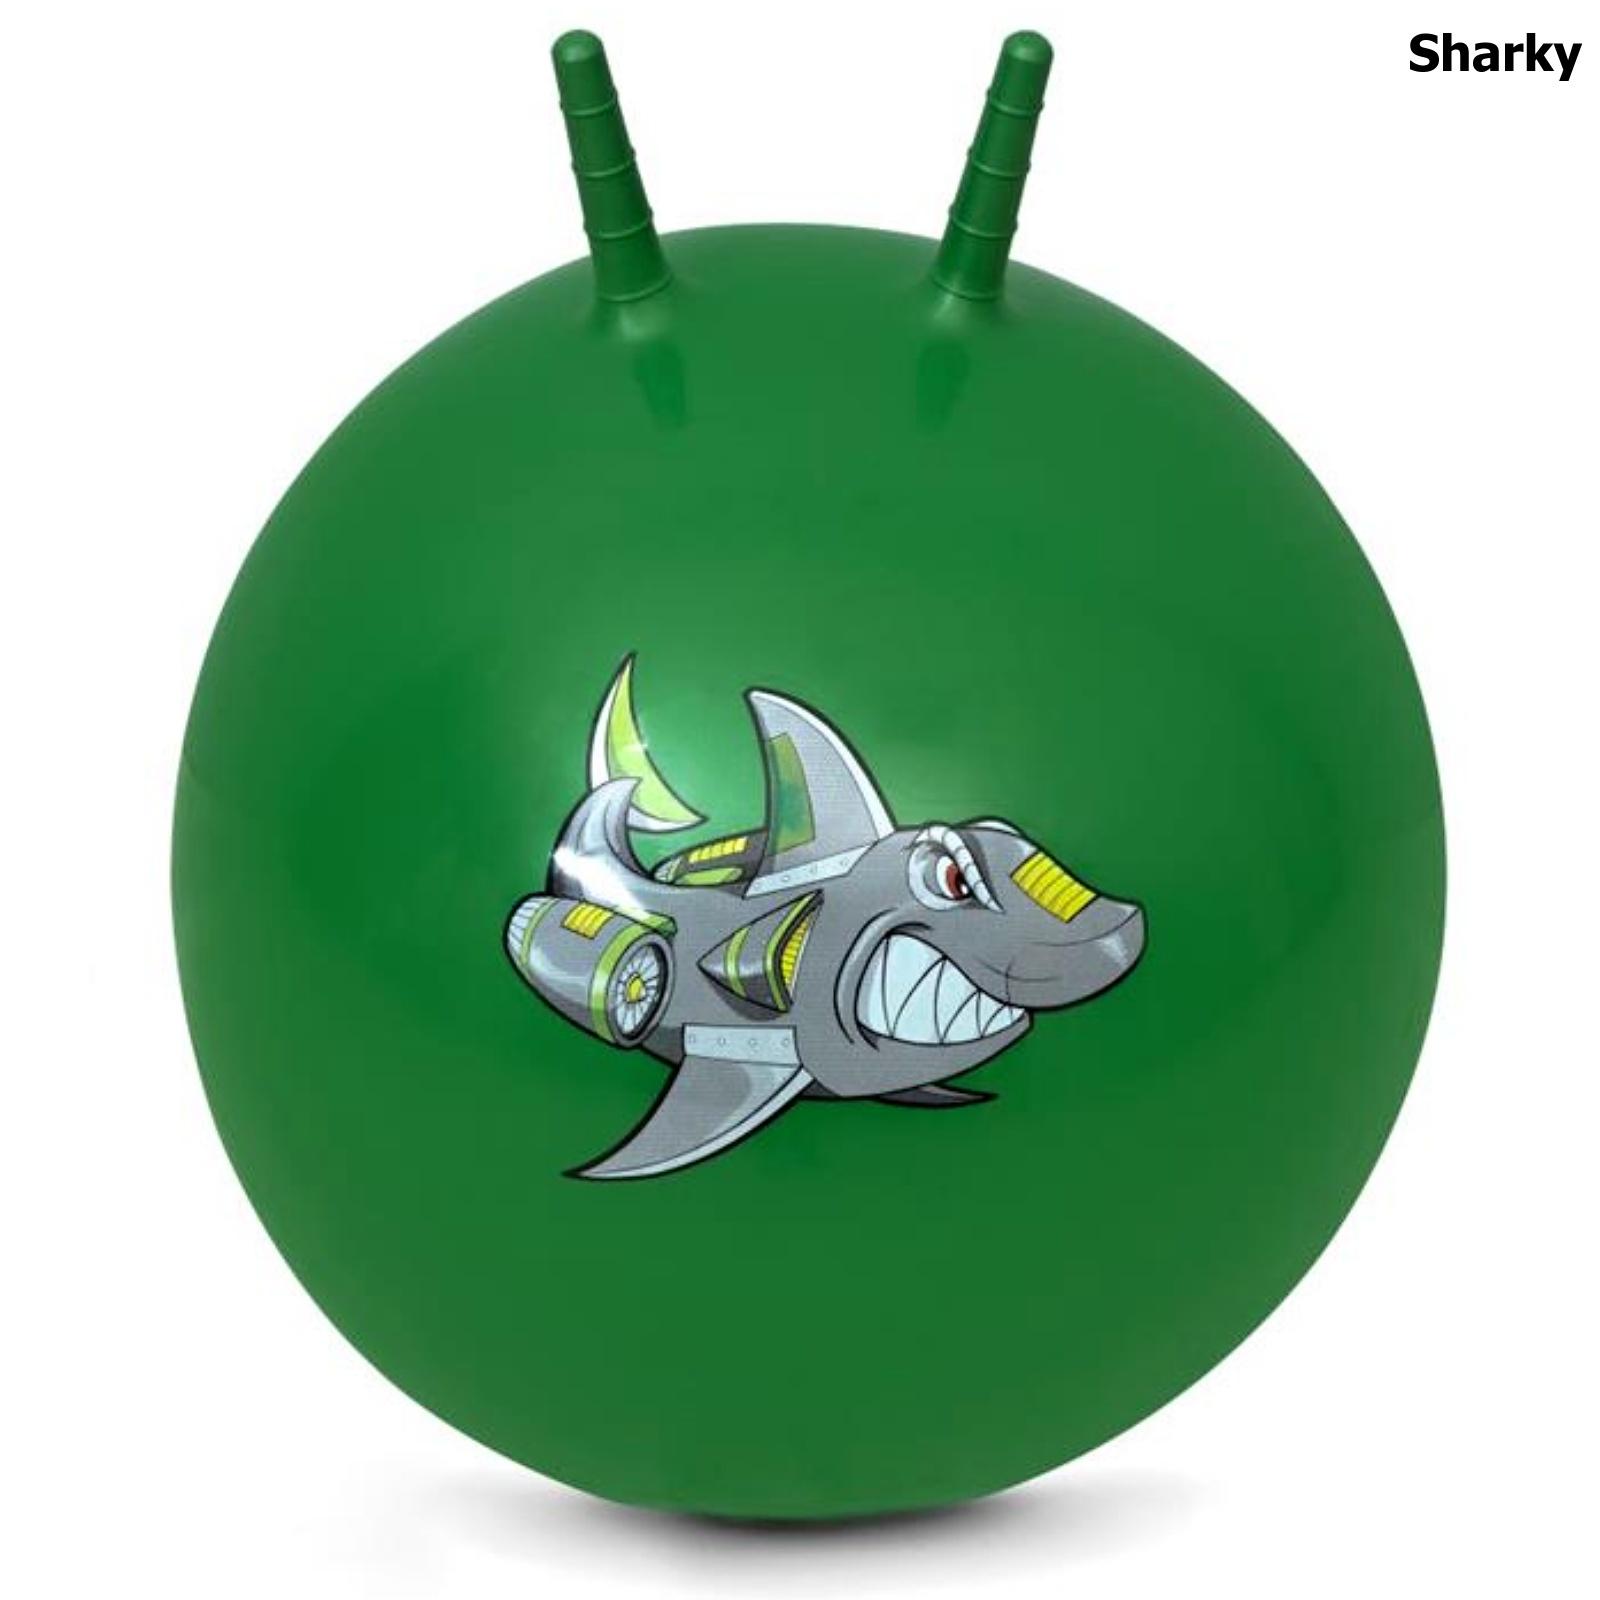 Spokey Skákacia lopta SHARKY 60 cm